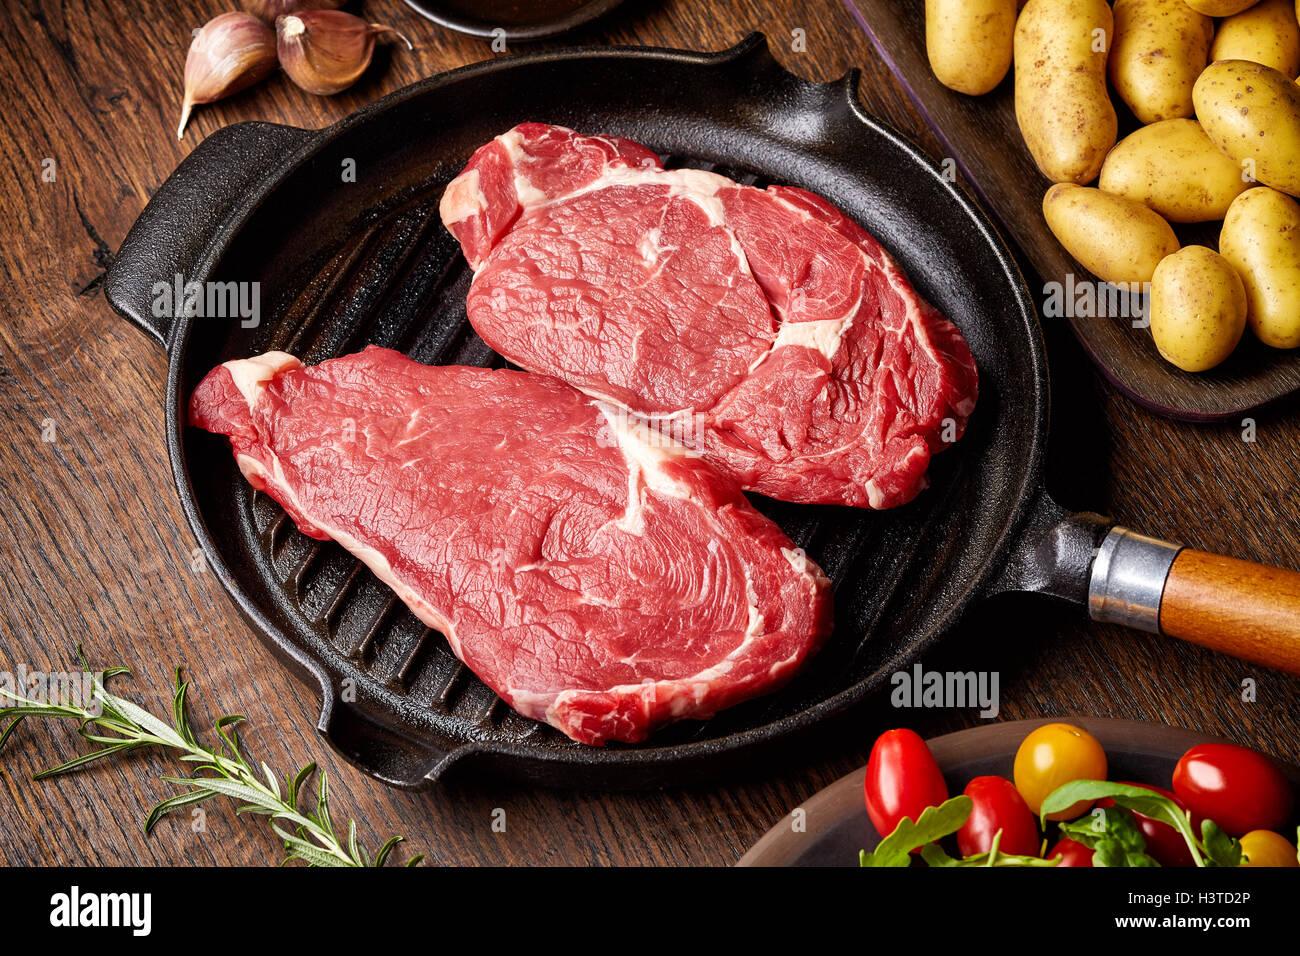 Steak de boeuf cru sur gril, pommes de terre, les épices et les tomates de table en bois Photo Stock